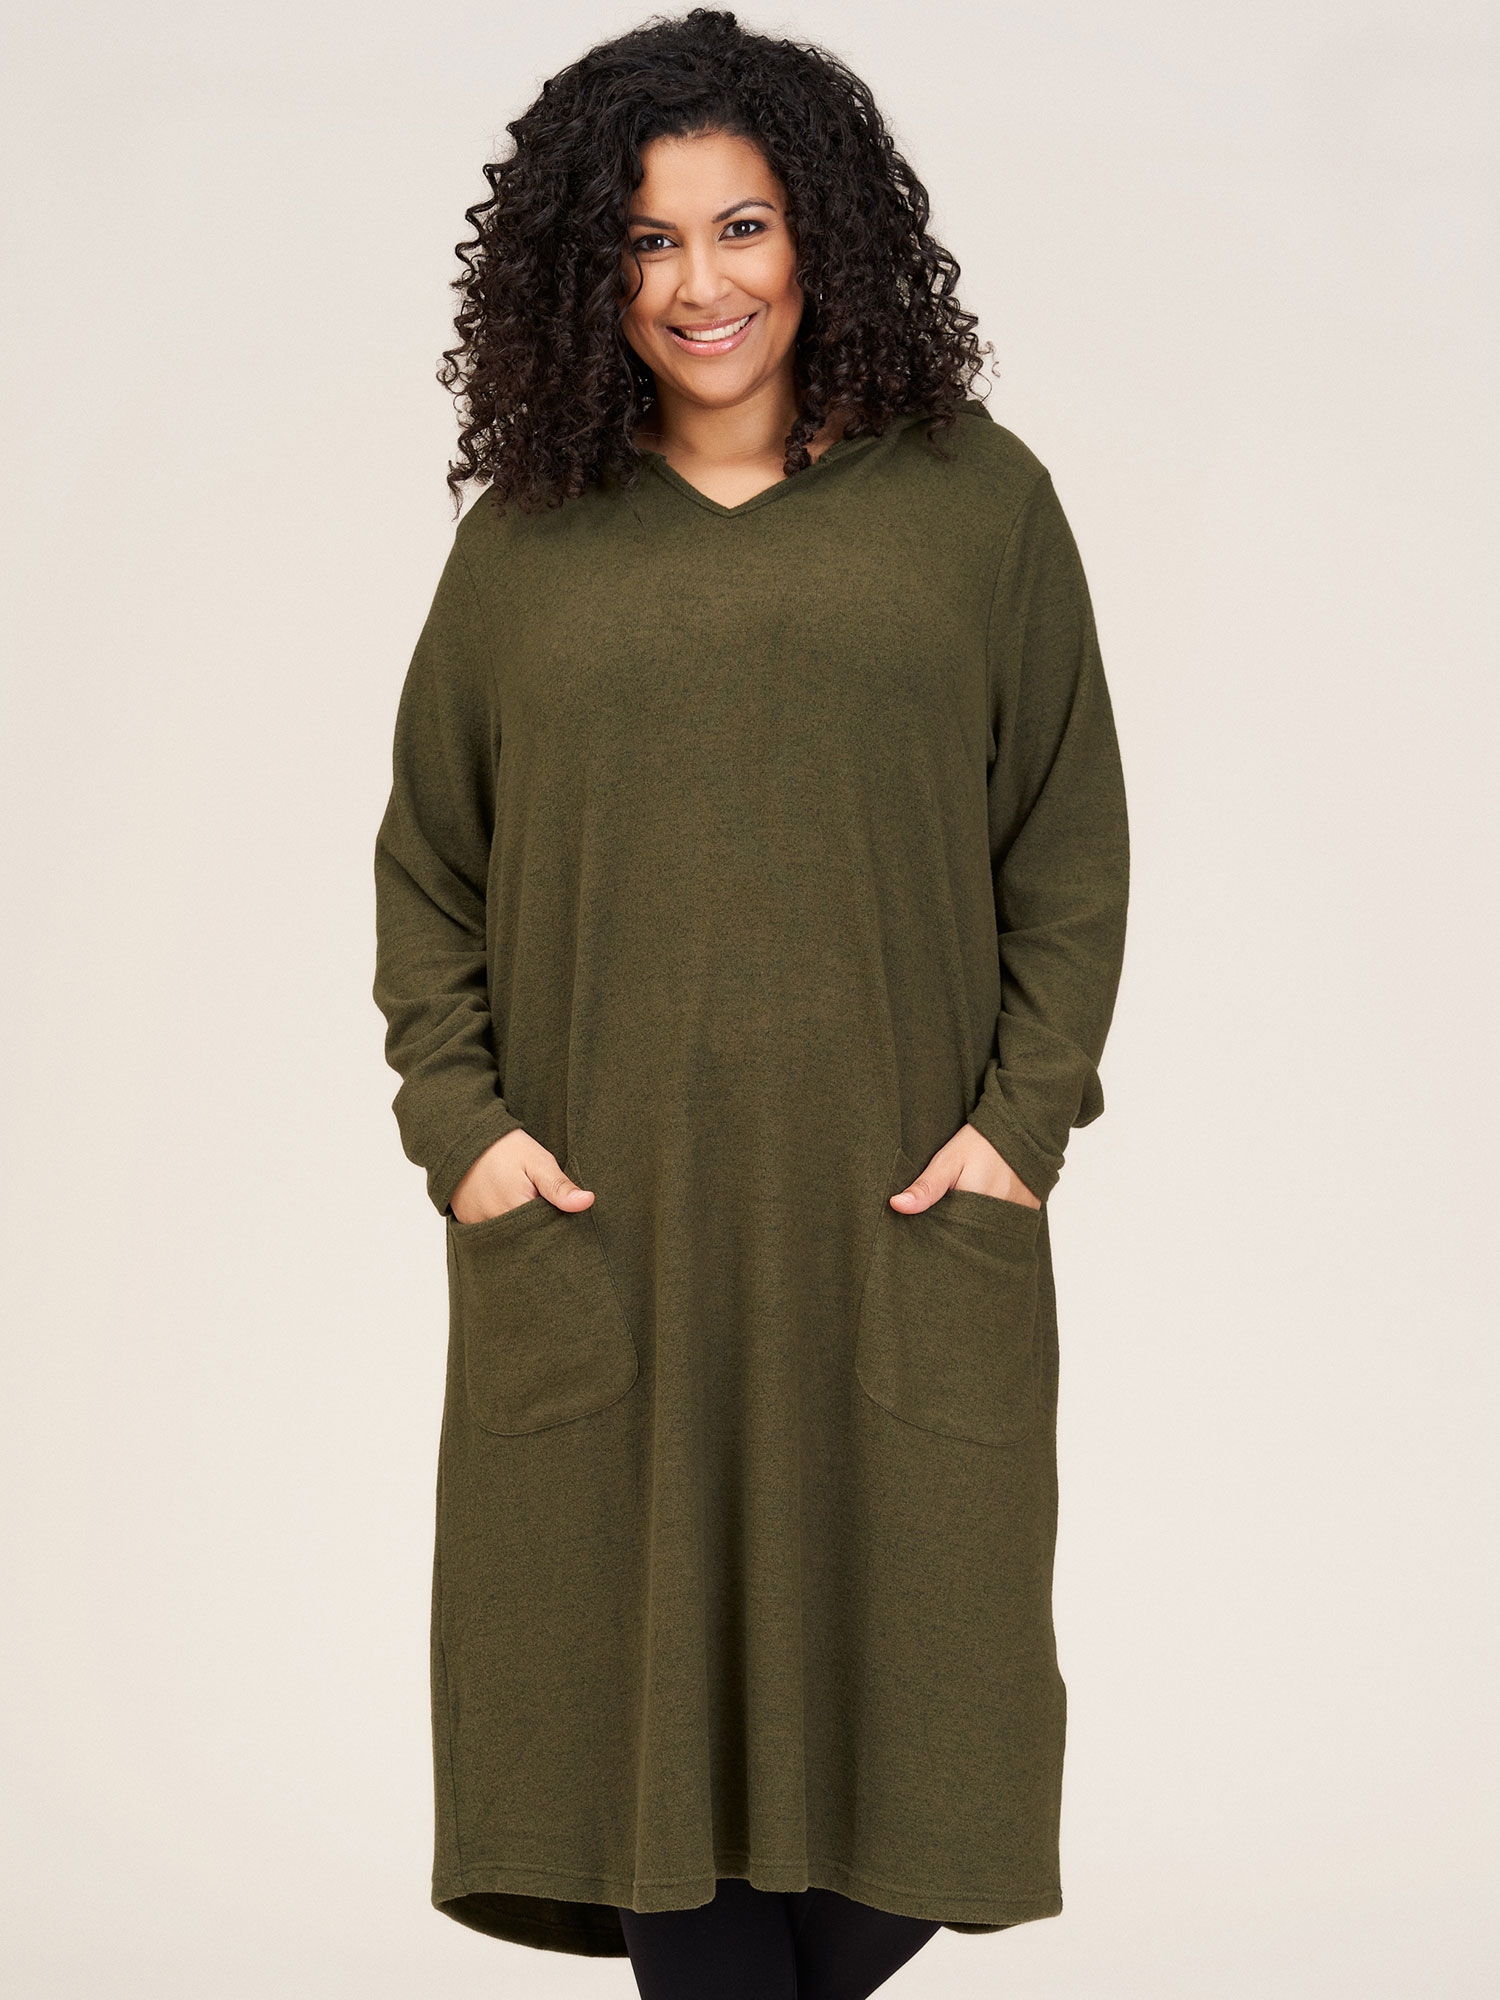 Studio Lang grøn strik kjole med hætte og lommer, 42-44 / S